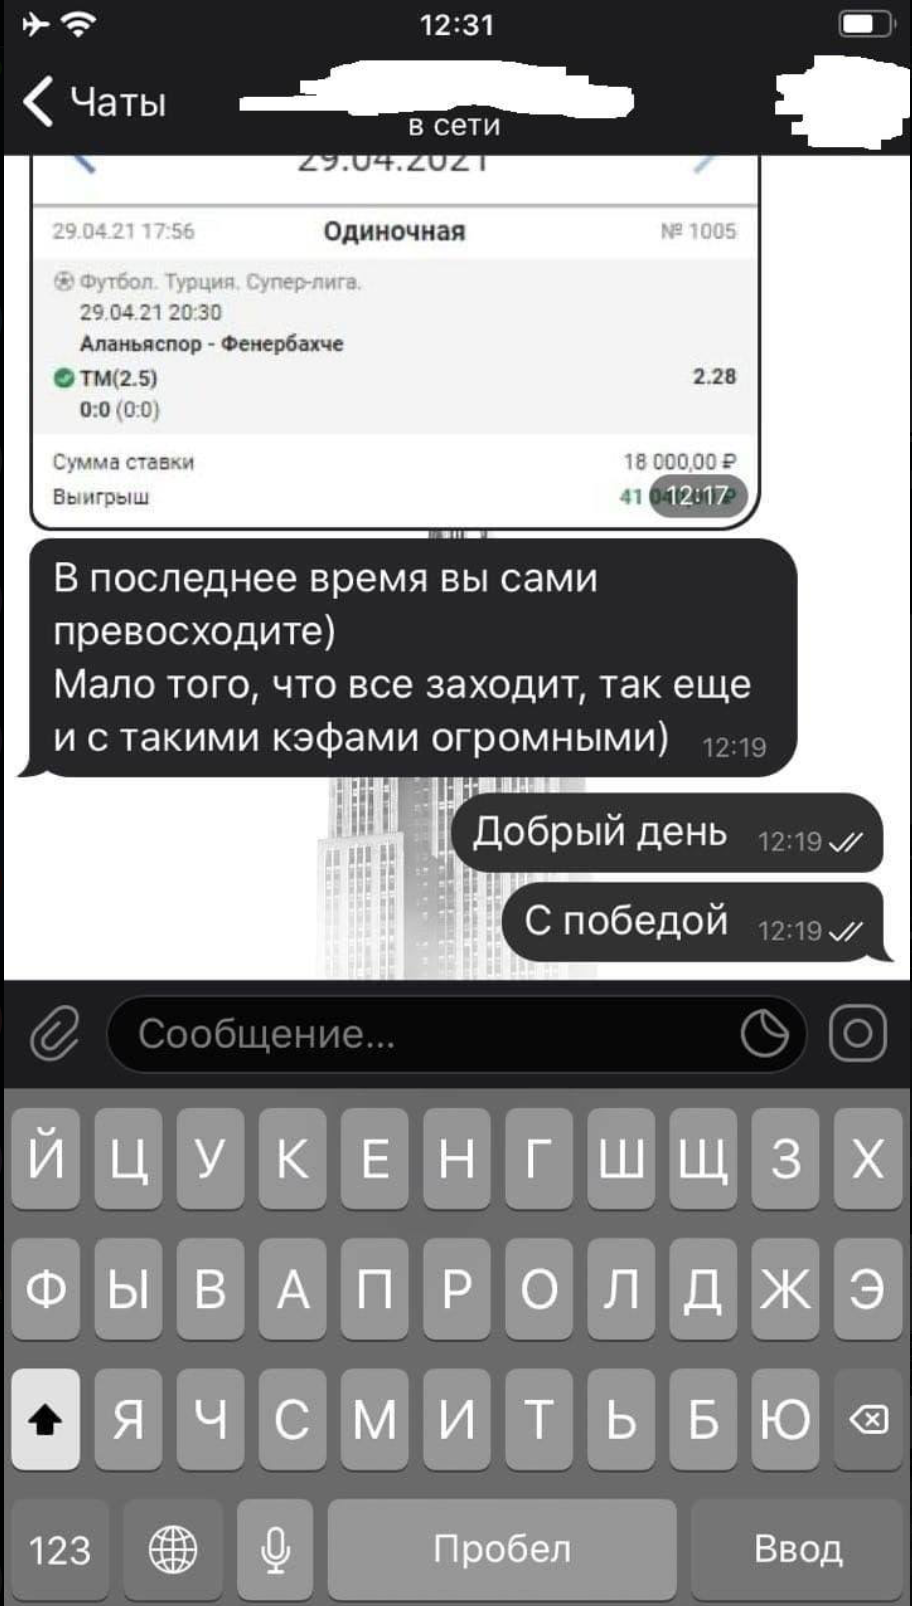 Каппер Николай Васильевич - отзывы клиентов